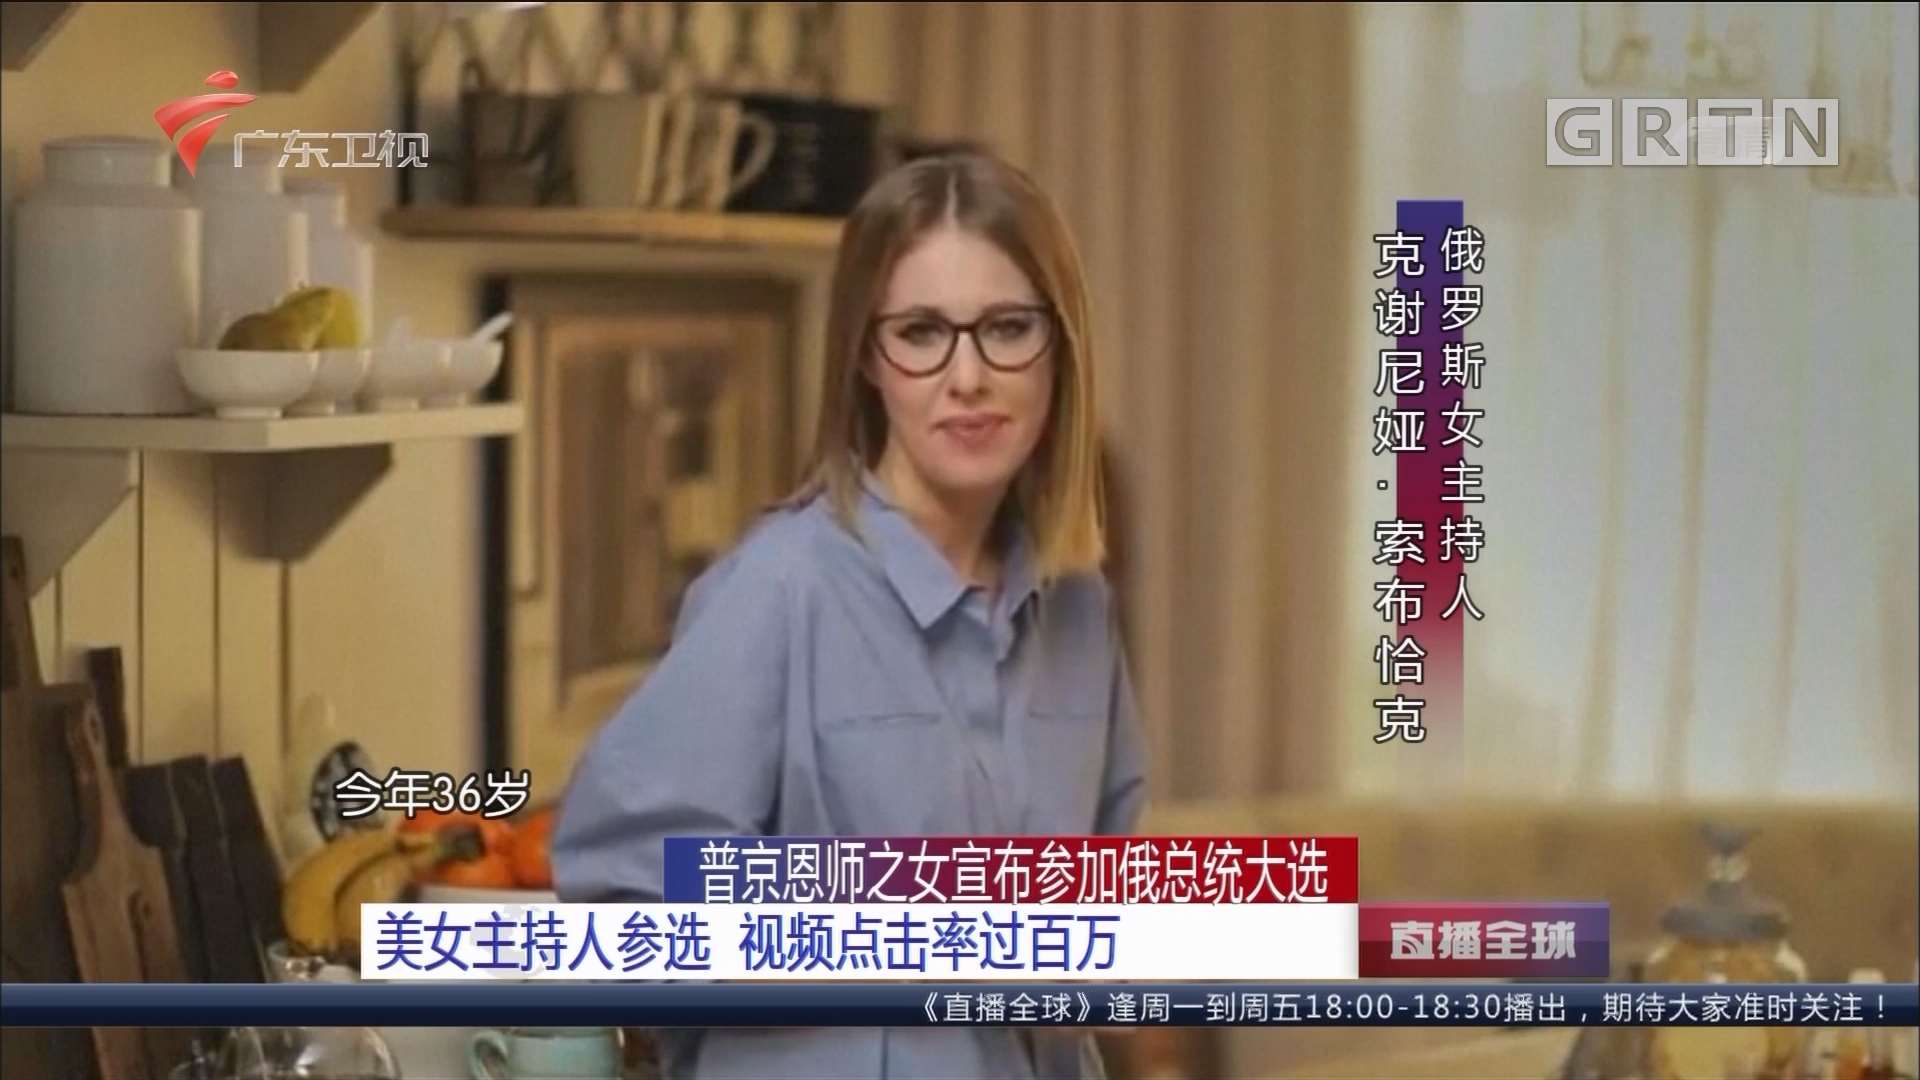 普京恩师之女宣布参加俄总统大选:美女主持人参选 视频点击率过百万